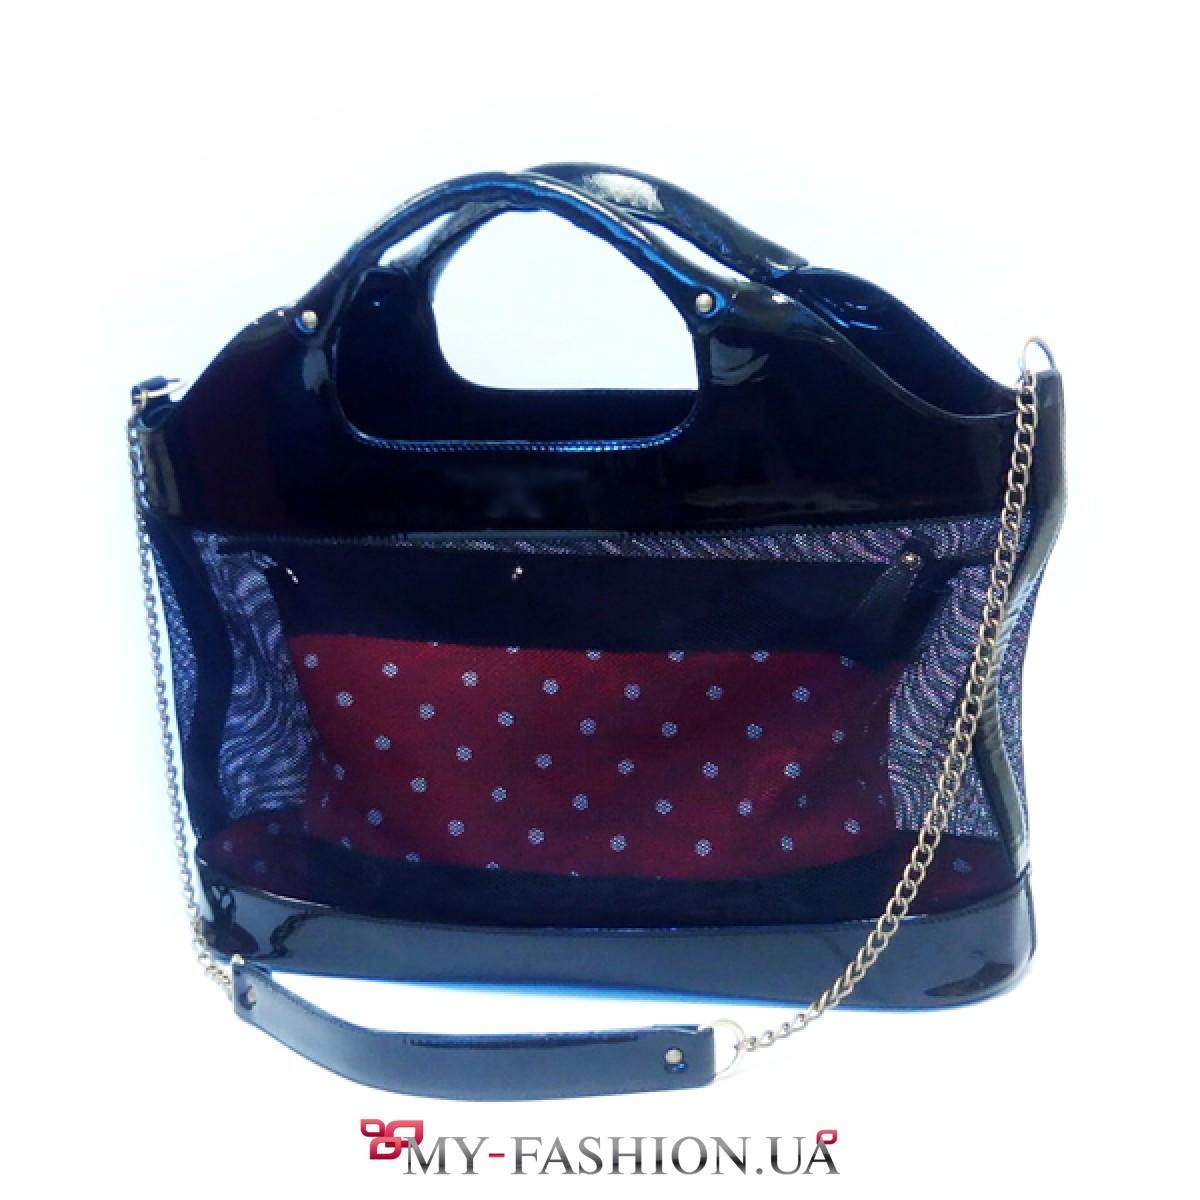 Gucci красная лаковая сумка купить пуховик женский moncler оригинал